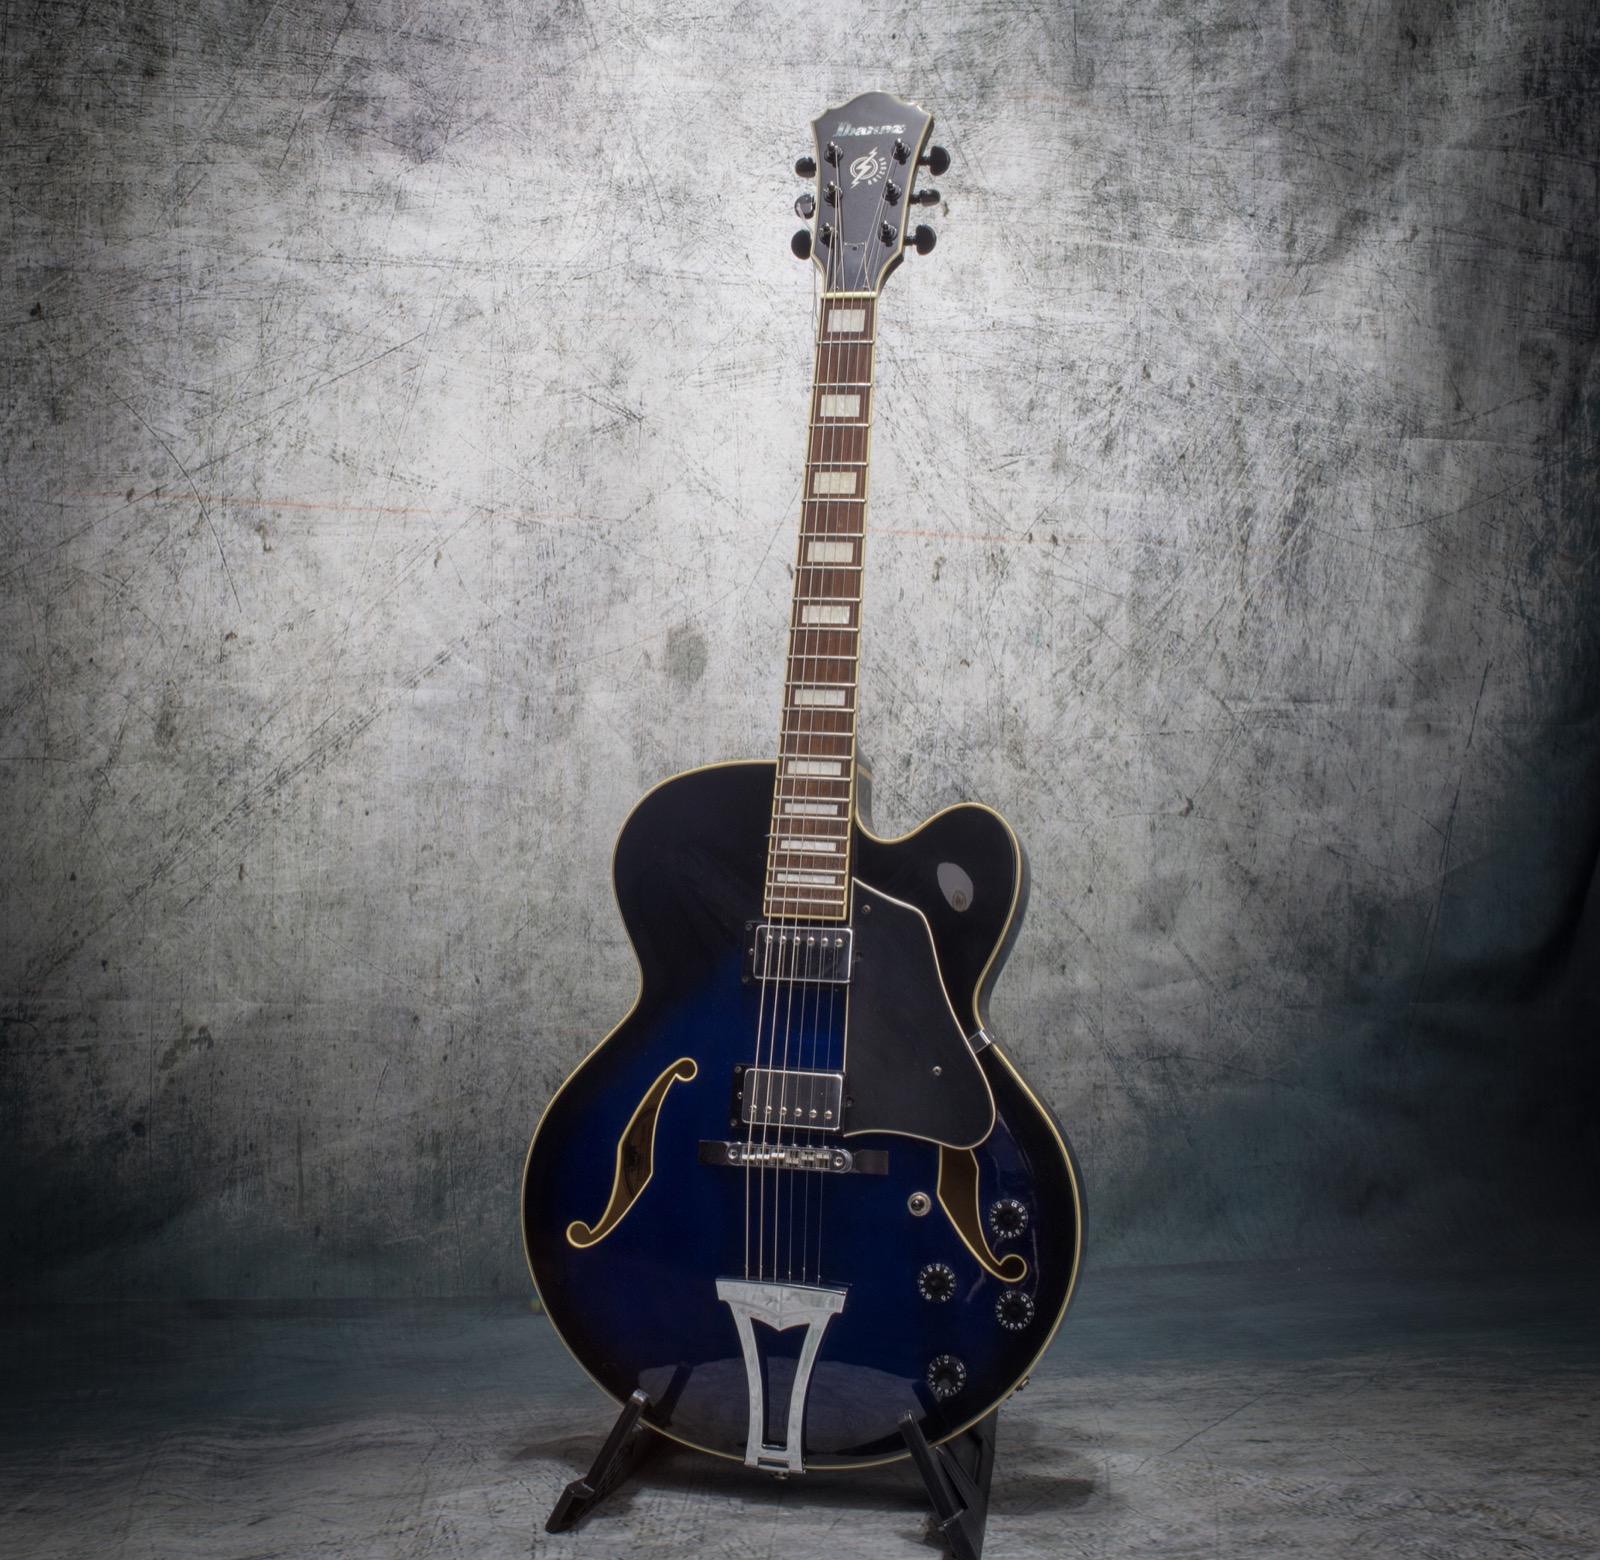 ibanez artcore af75 tb hollow body guitar guitarshop folkestone. Black Bedroom Furniture Sets. Home Design Ideas